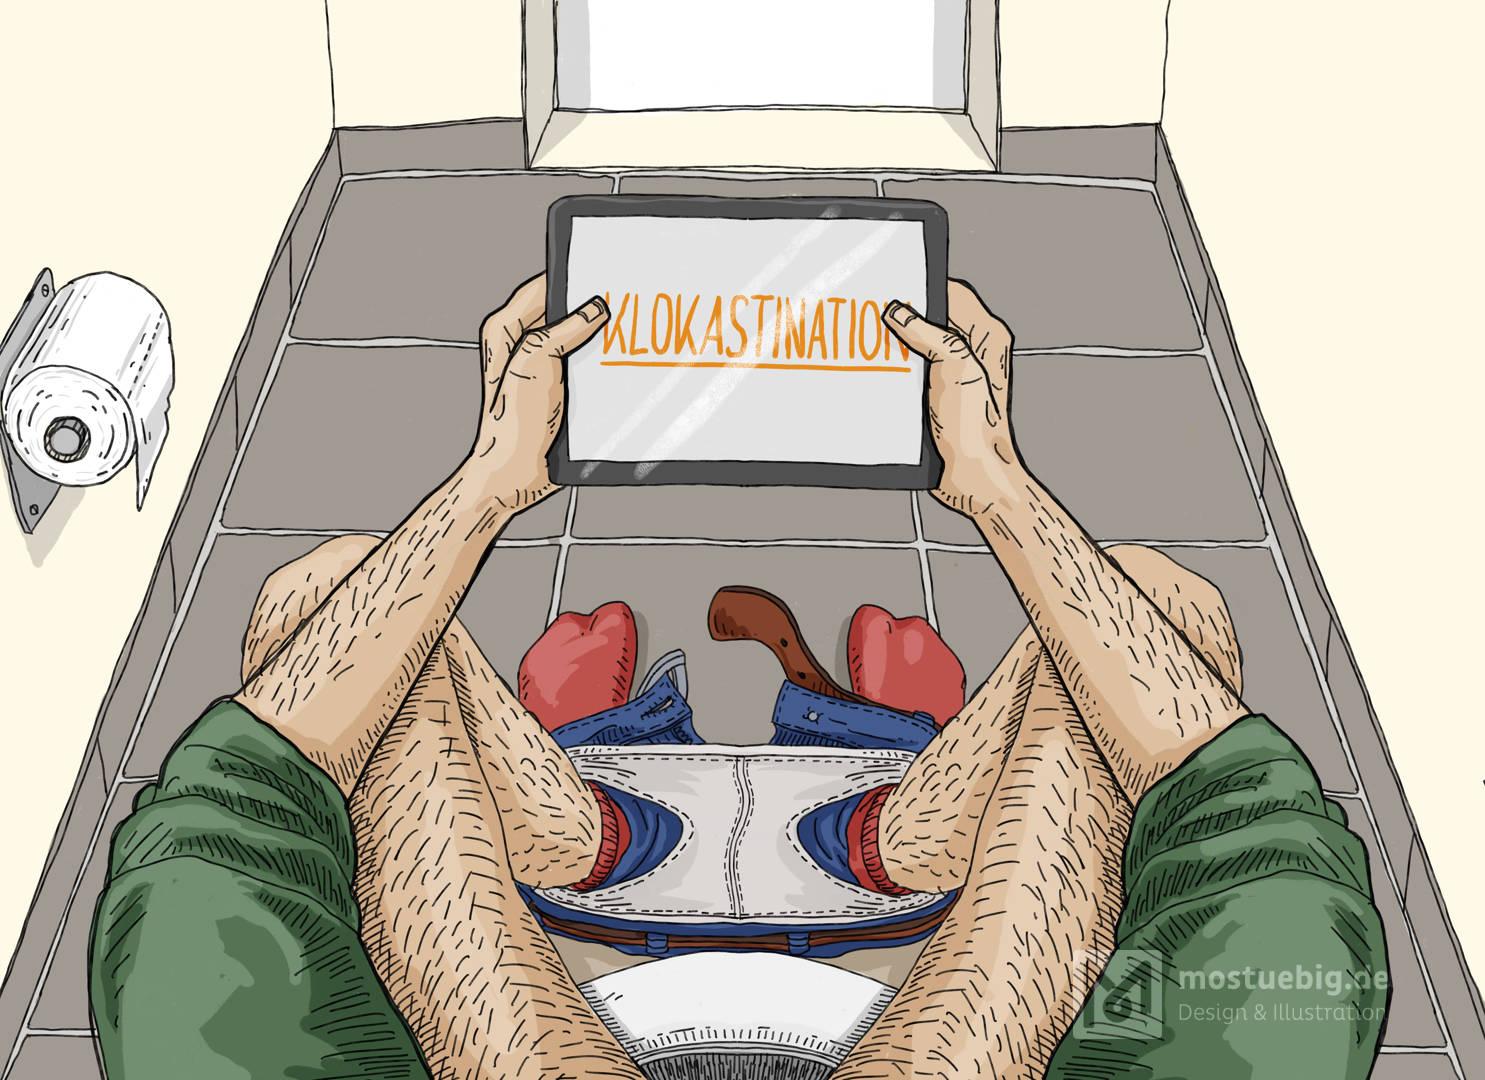 Illustration eines Mannes, der auf der Toilette sitzt. aus seiner PErspektive. Er schaut auf ein iPad, darauf steht »Klokastination«